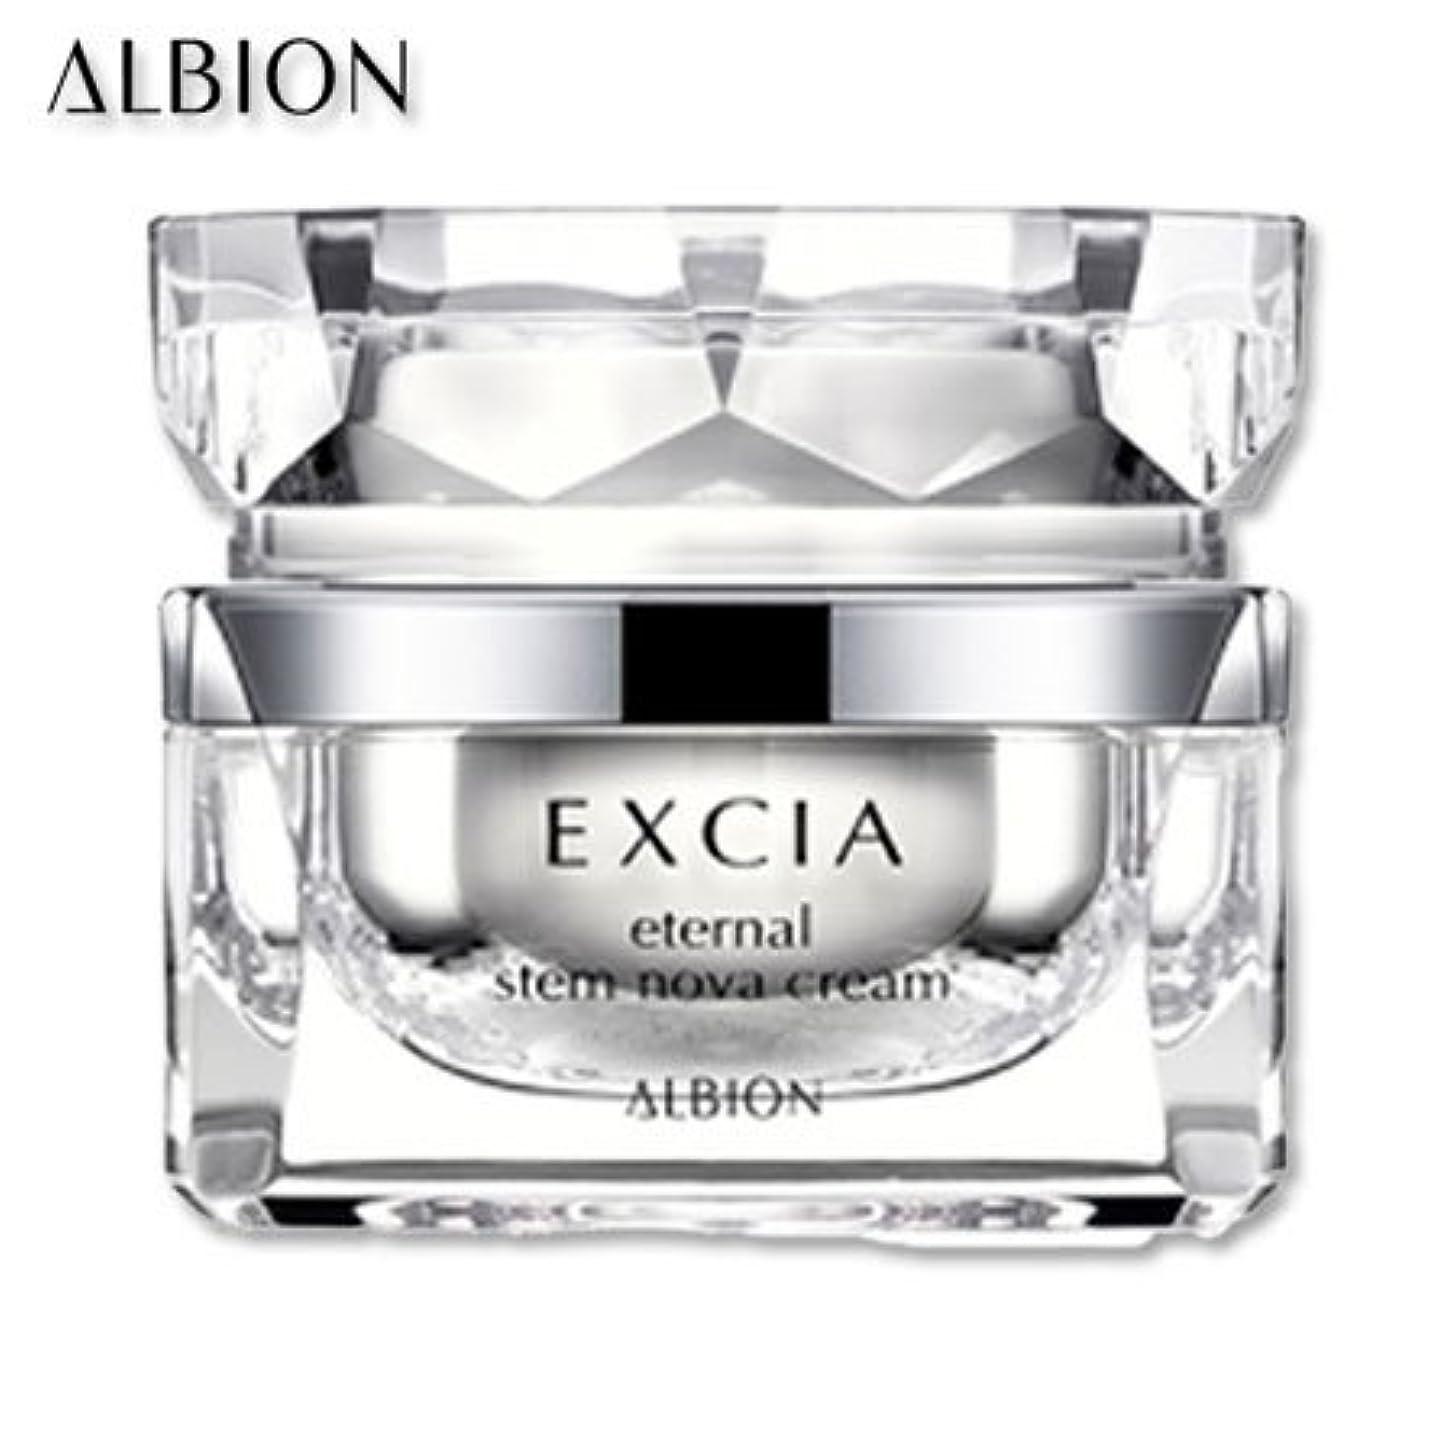 パンツ当社こねるアルビオン エクシア AL エターナル ステム ノーヴァ クリーム 30g-ALBION-